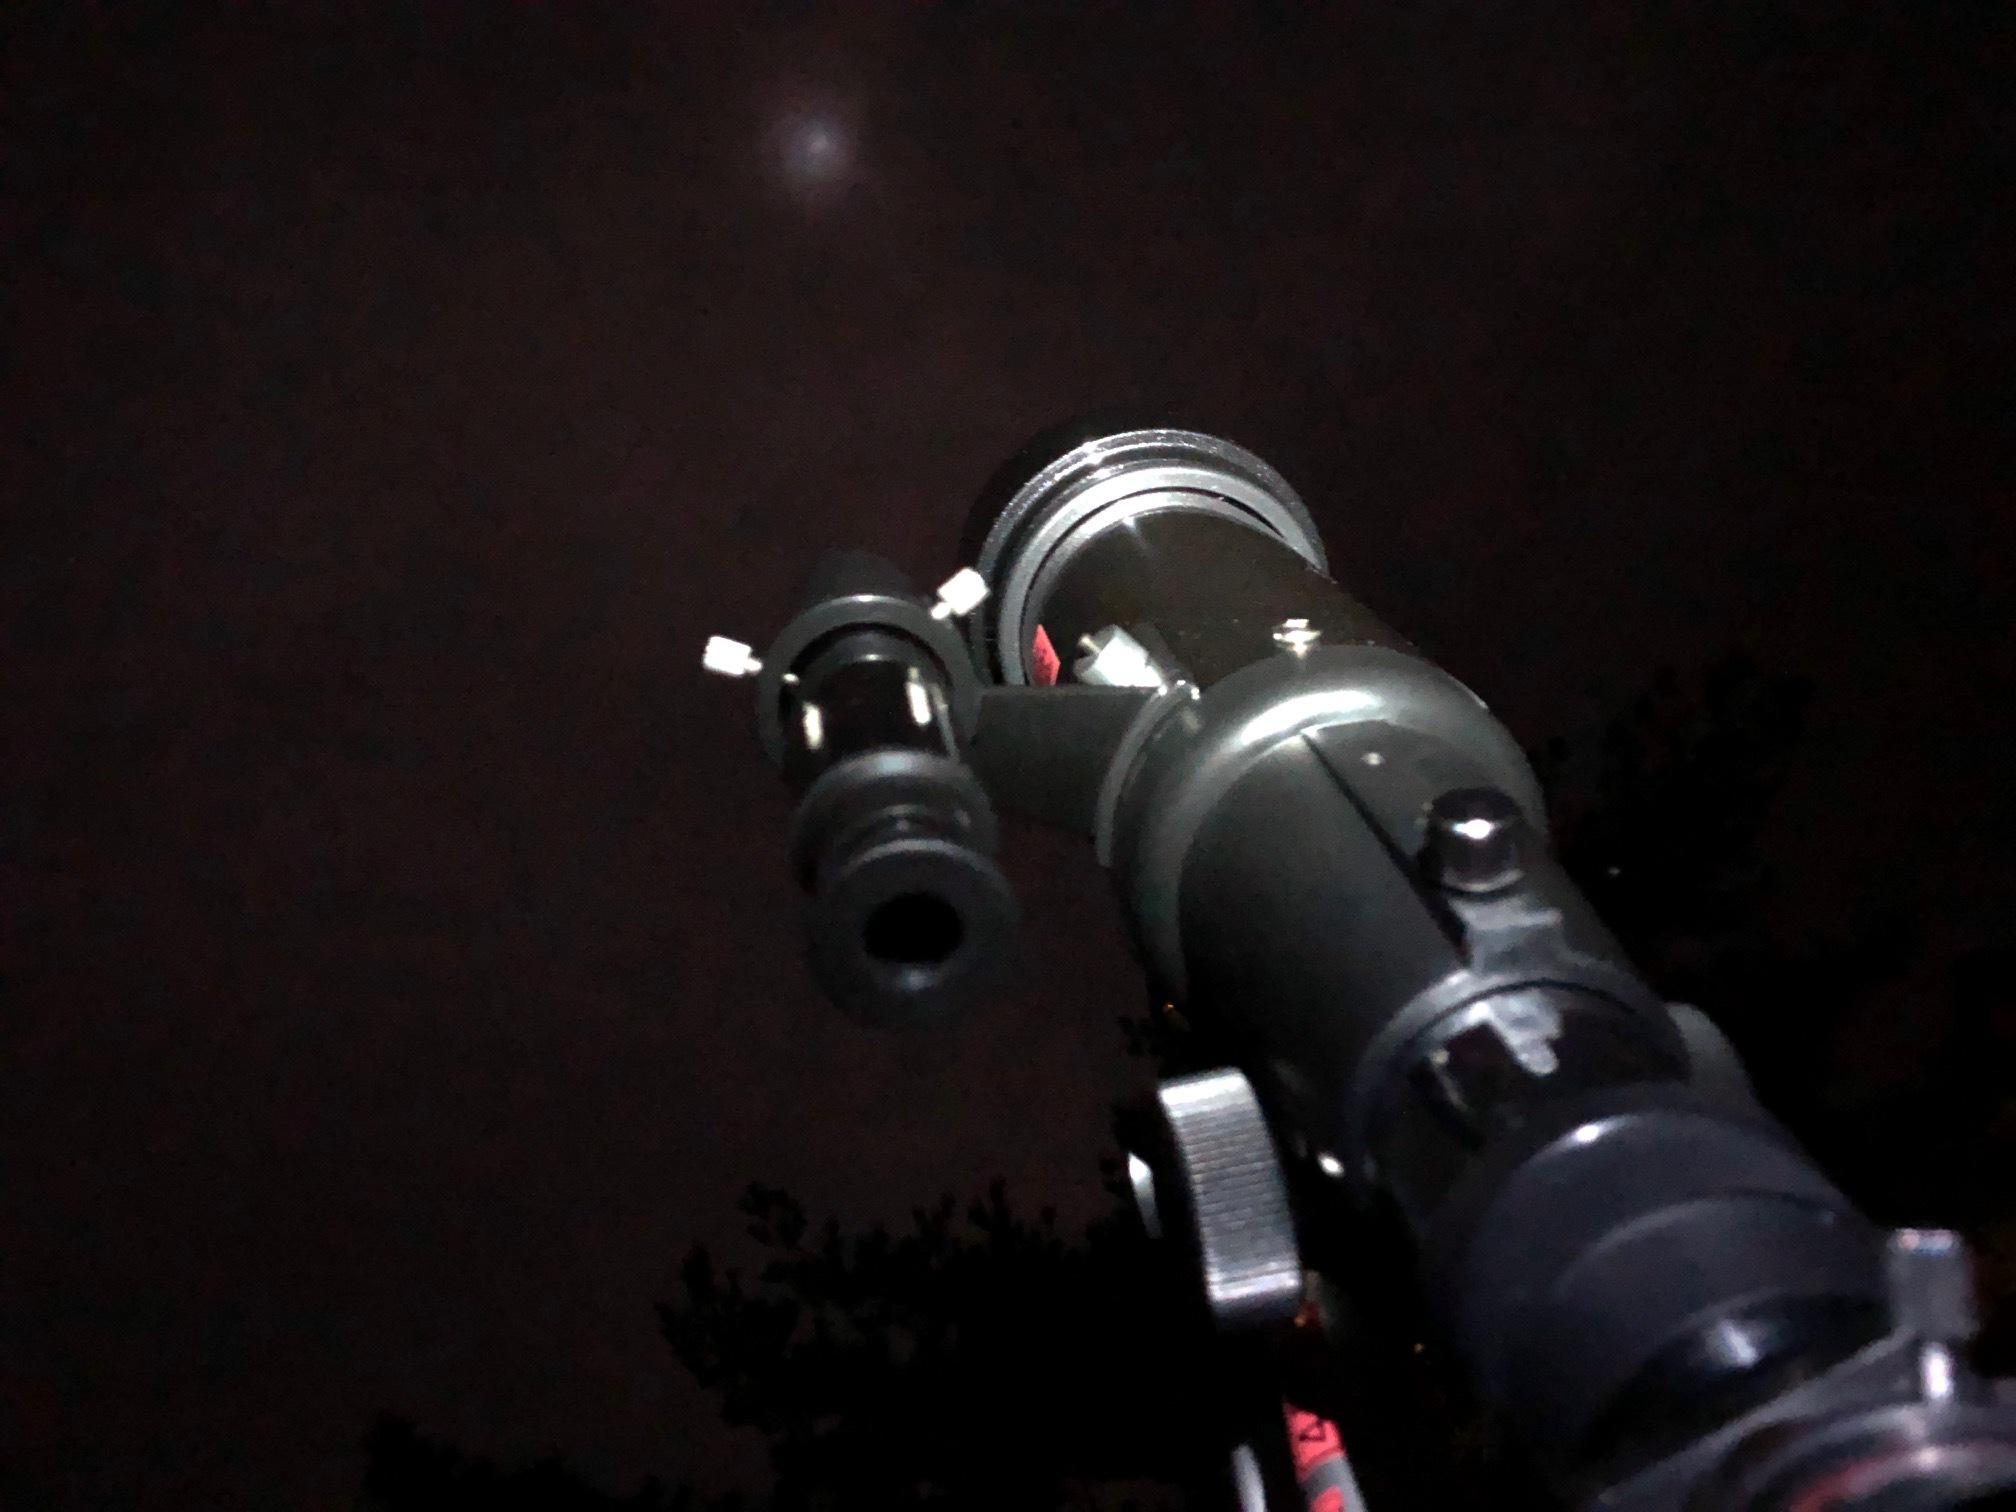 星空キャンプ〔2日目〕今夜のメニューは「てづくりぎょう座」お腹いっぱいになって、一瞬だけど月も見えた!_d0363878_23015375.jpg